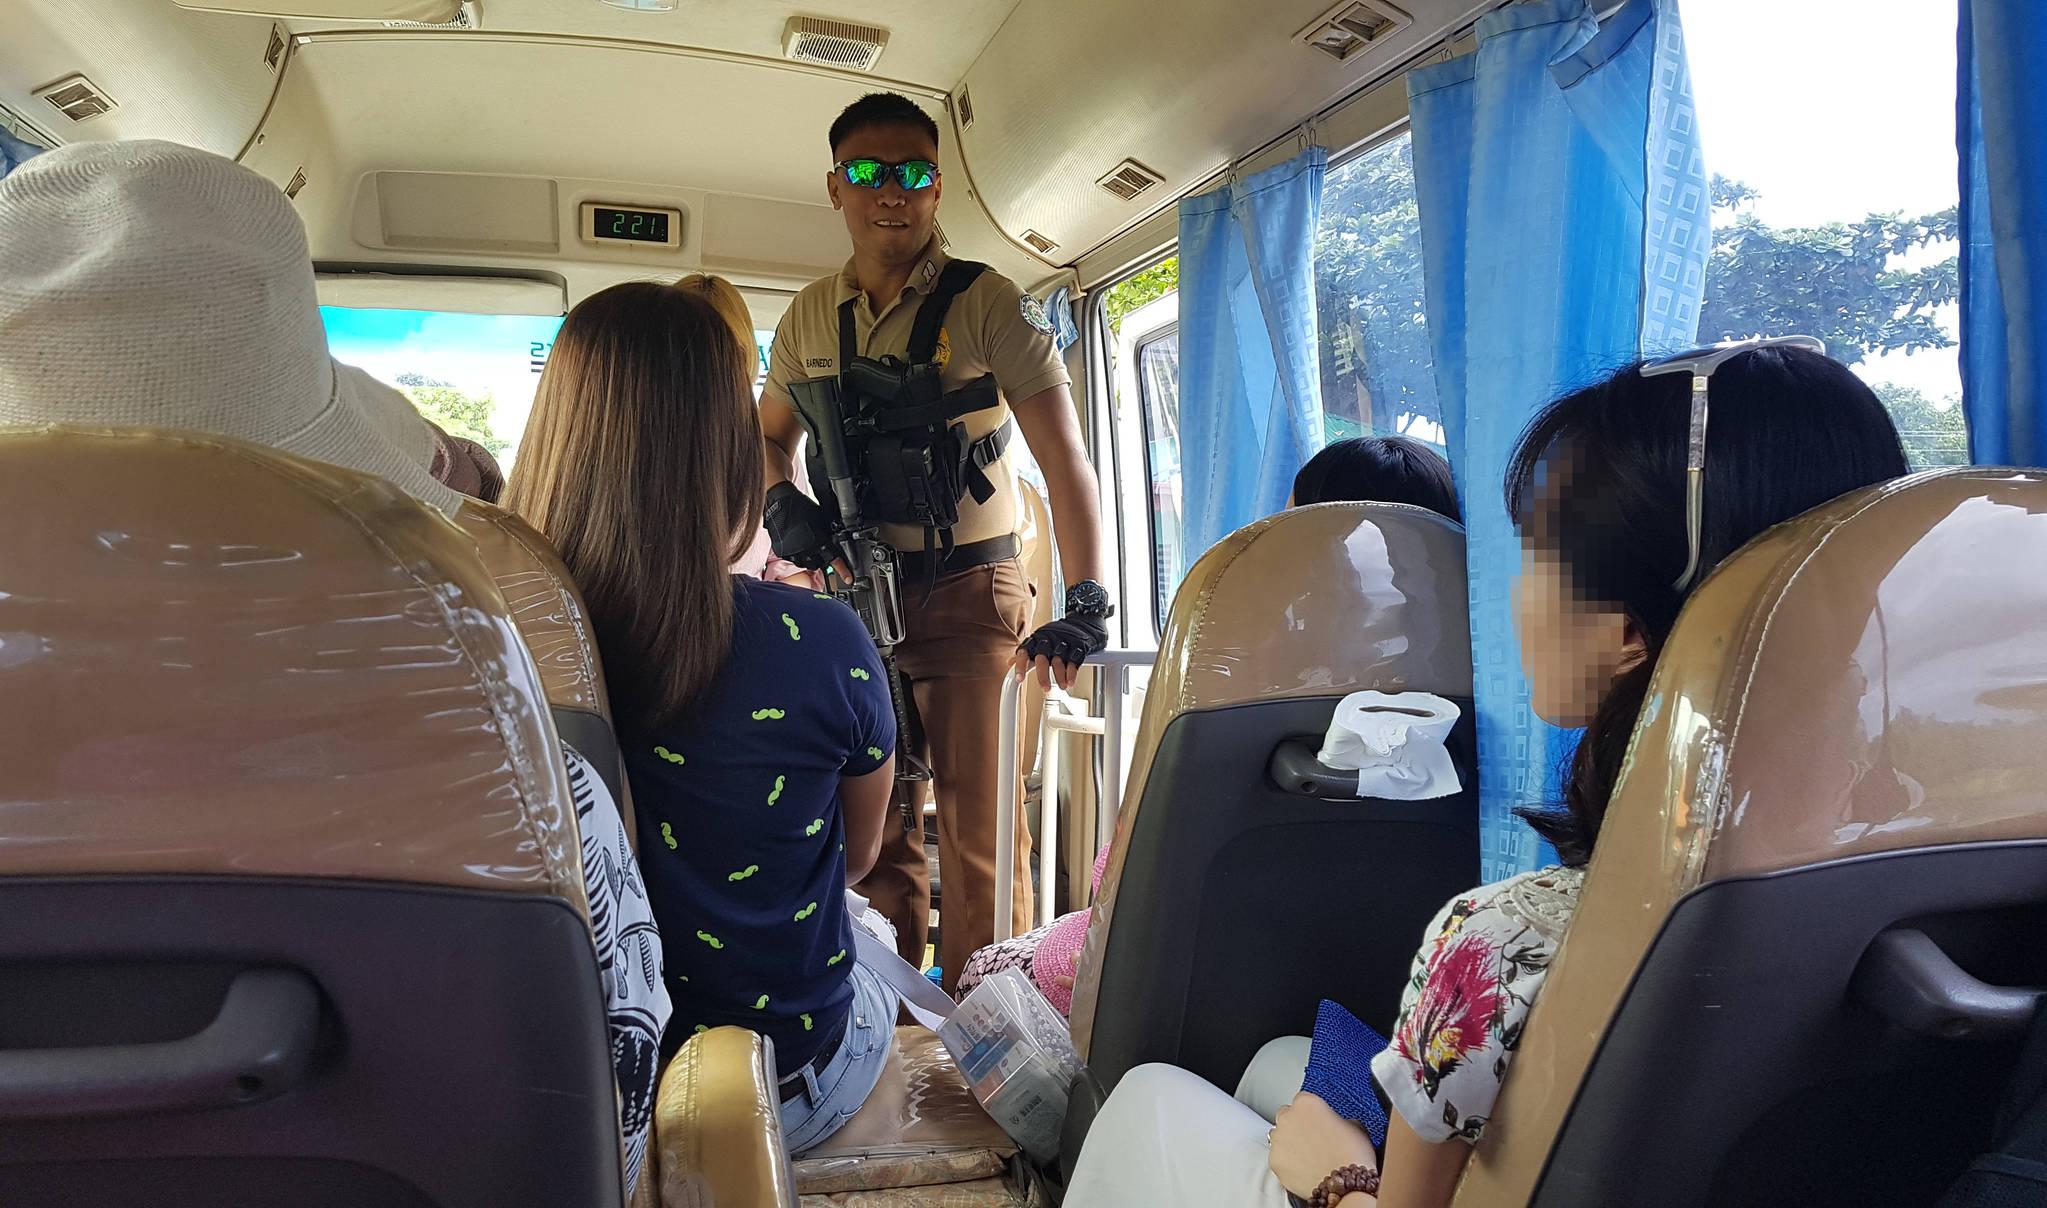 필리핀 팔라완 이와힉 개방 교도소 입구에서 총을 든 교도대원이 관광객이 탄 차량 내부를 살펴보고 있다. 변선구 기자